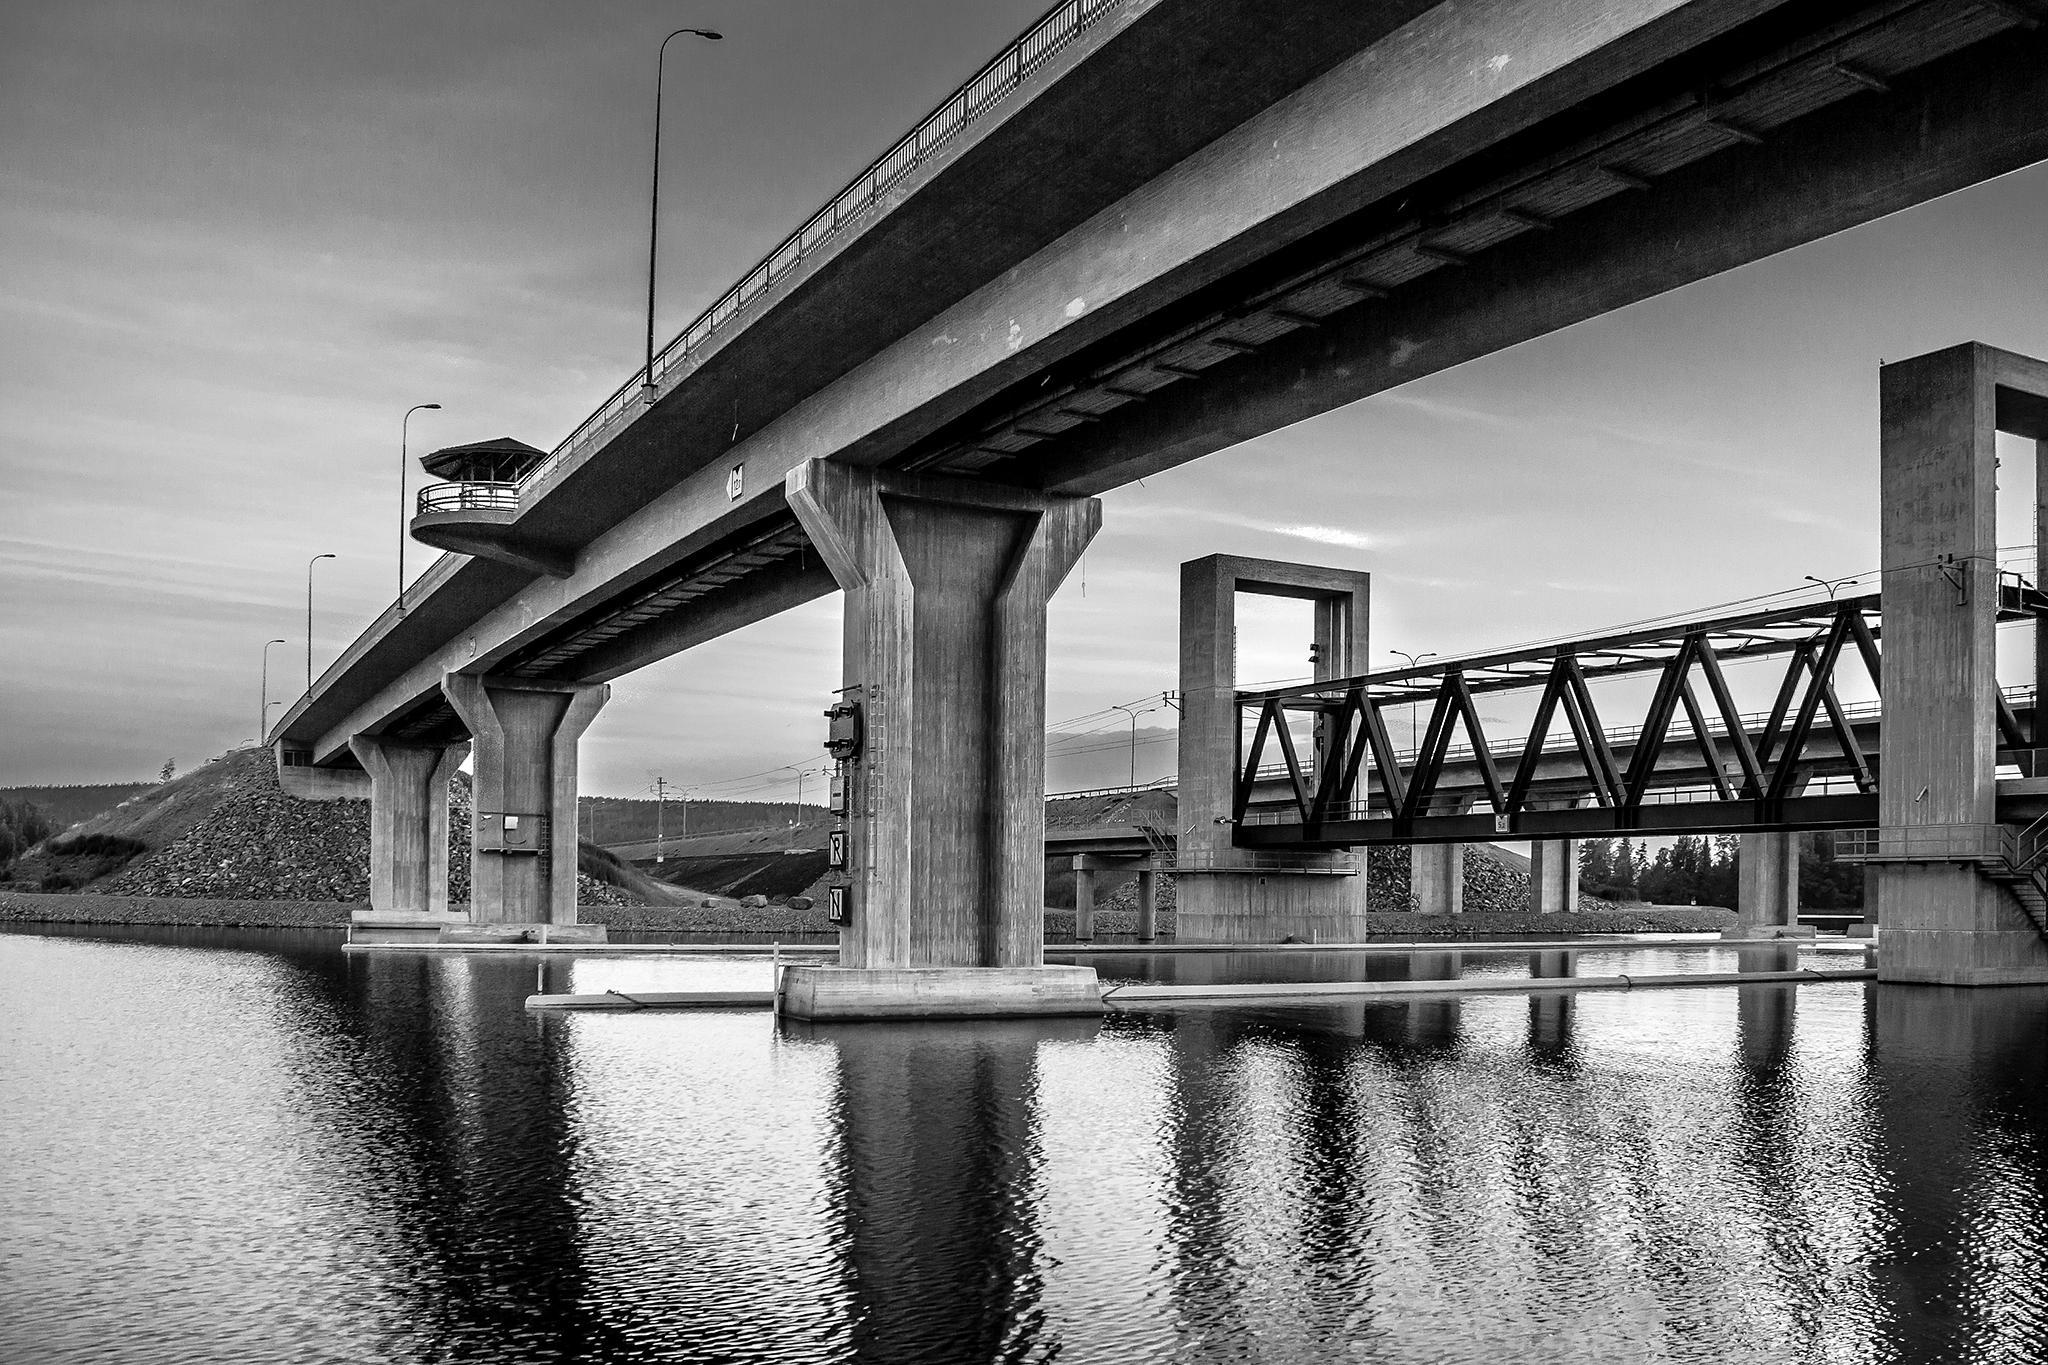 Under the bridge by Esa Vastamaki